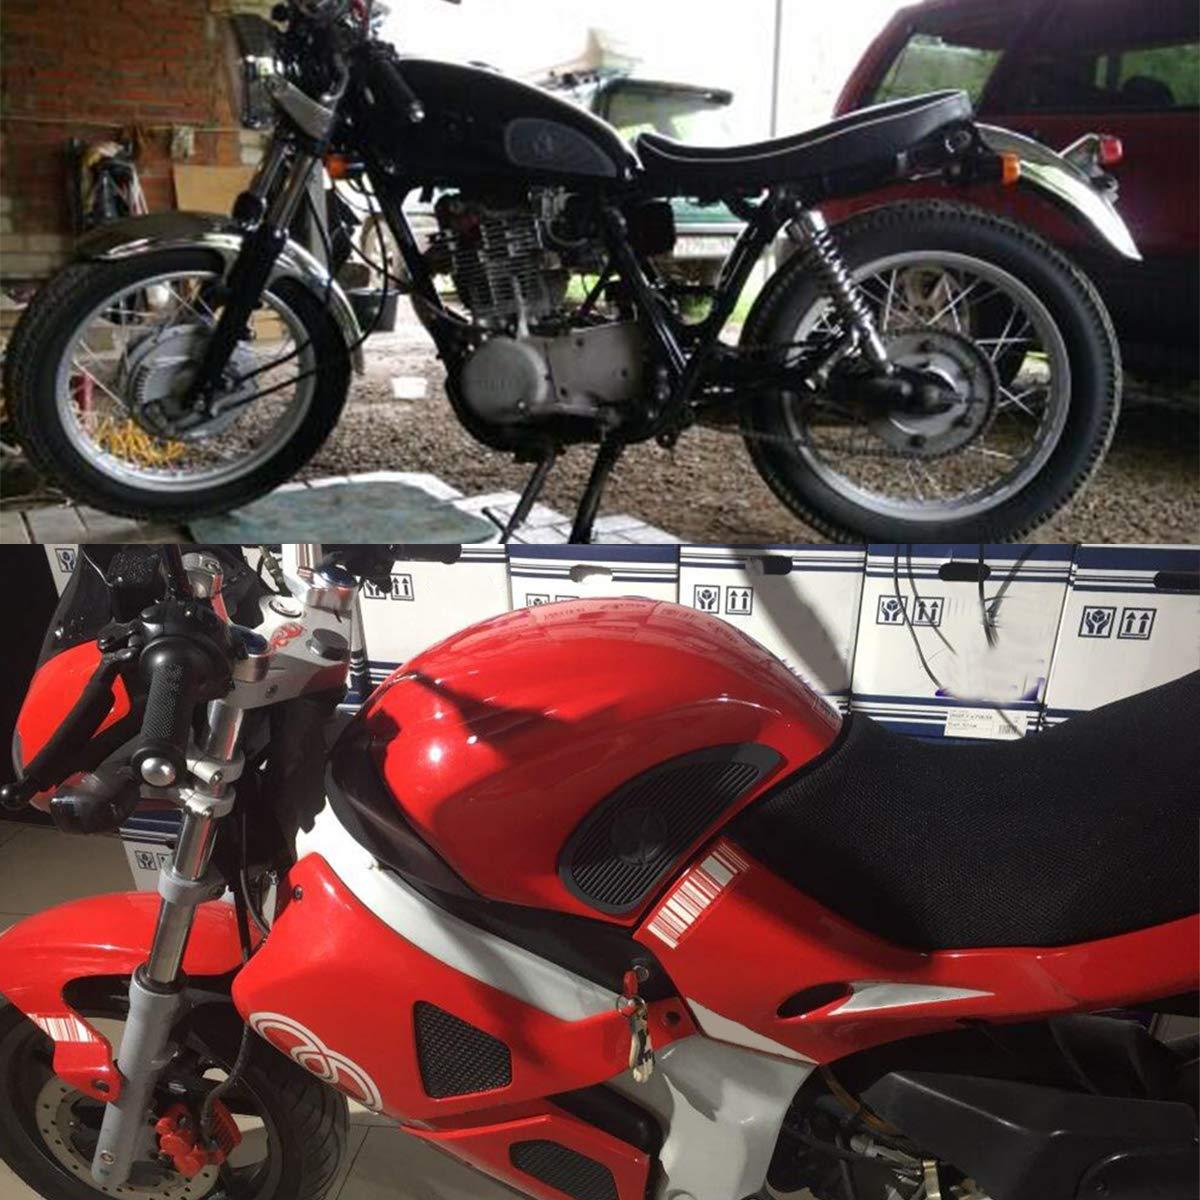 C-FUN Par Motocicleta Cafe Racer Tanque De Combustible Cap Pad Protector Etiqueta Engomada De Goma Pegatina Universal Marr/ón